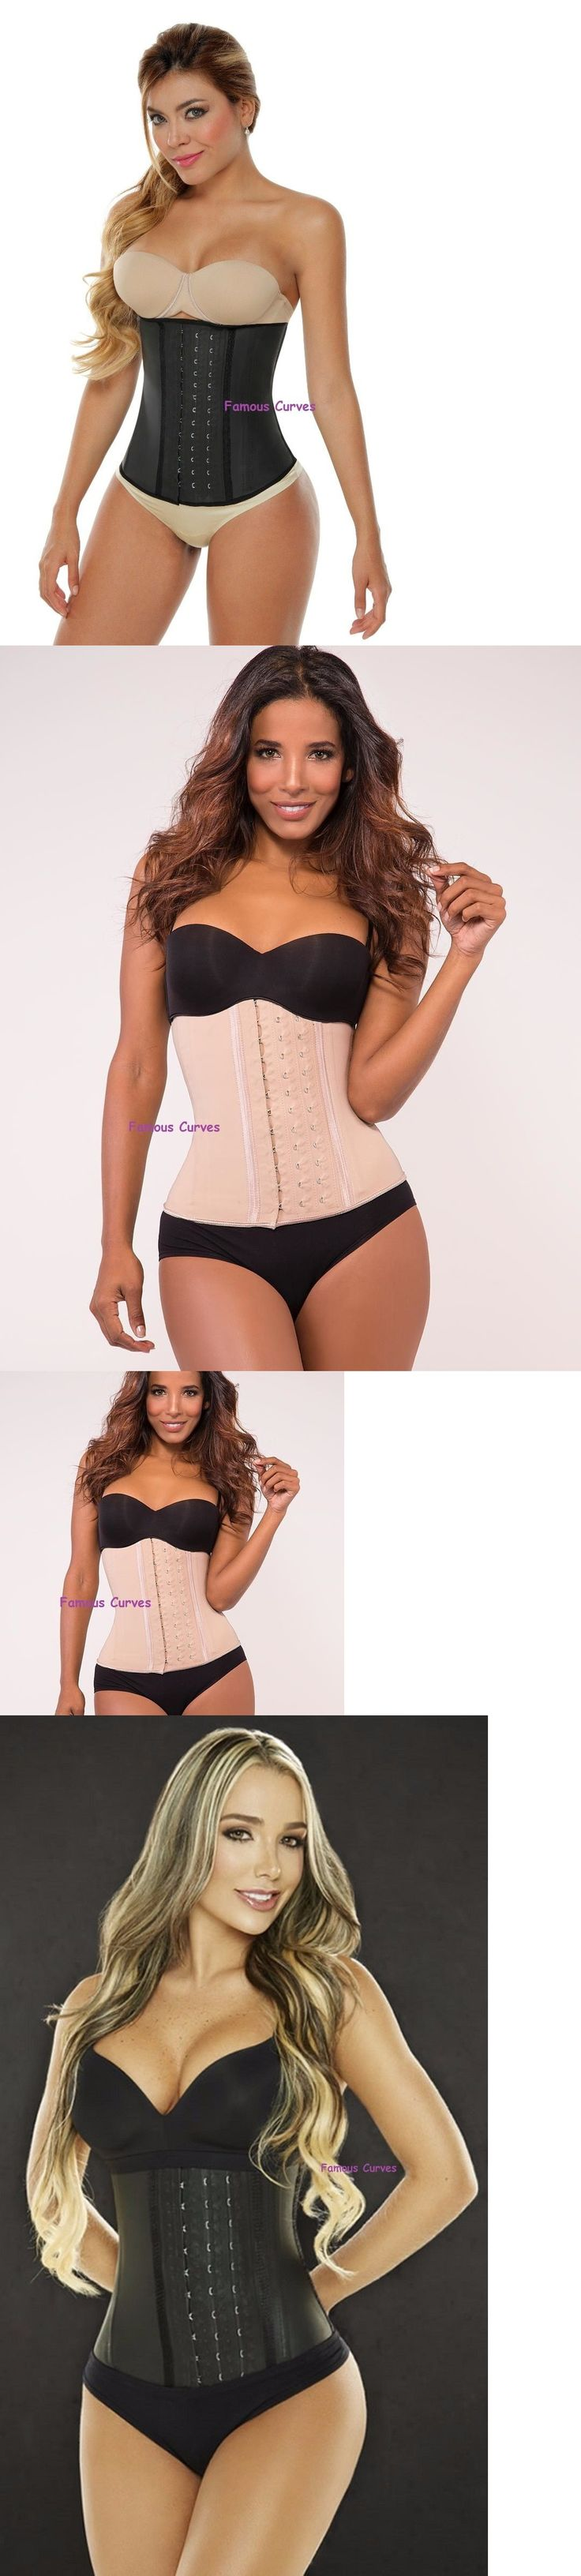 Women Shapewear: Womens Latex Waist Trainer Ann Chery / Slim / Colombian Shaper 3 Hook Shapewear BUY IT NOW ONLY: $40.84